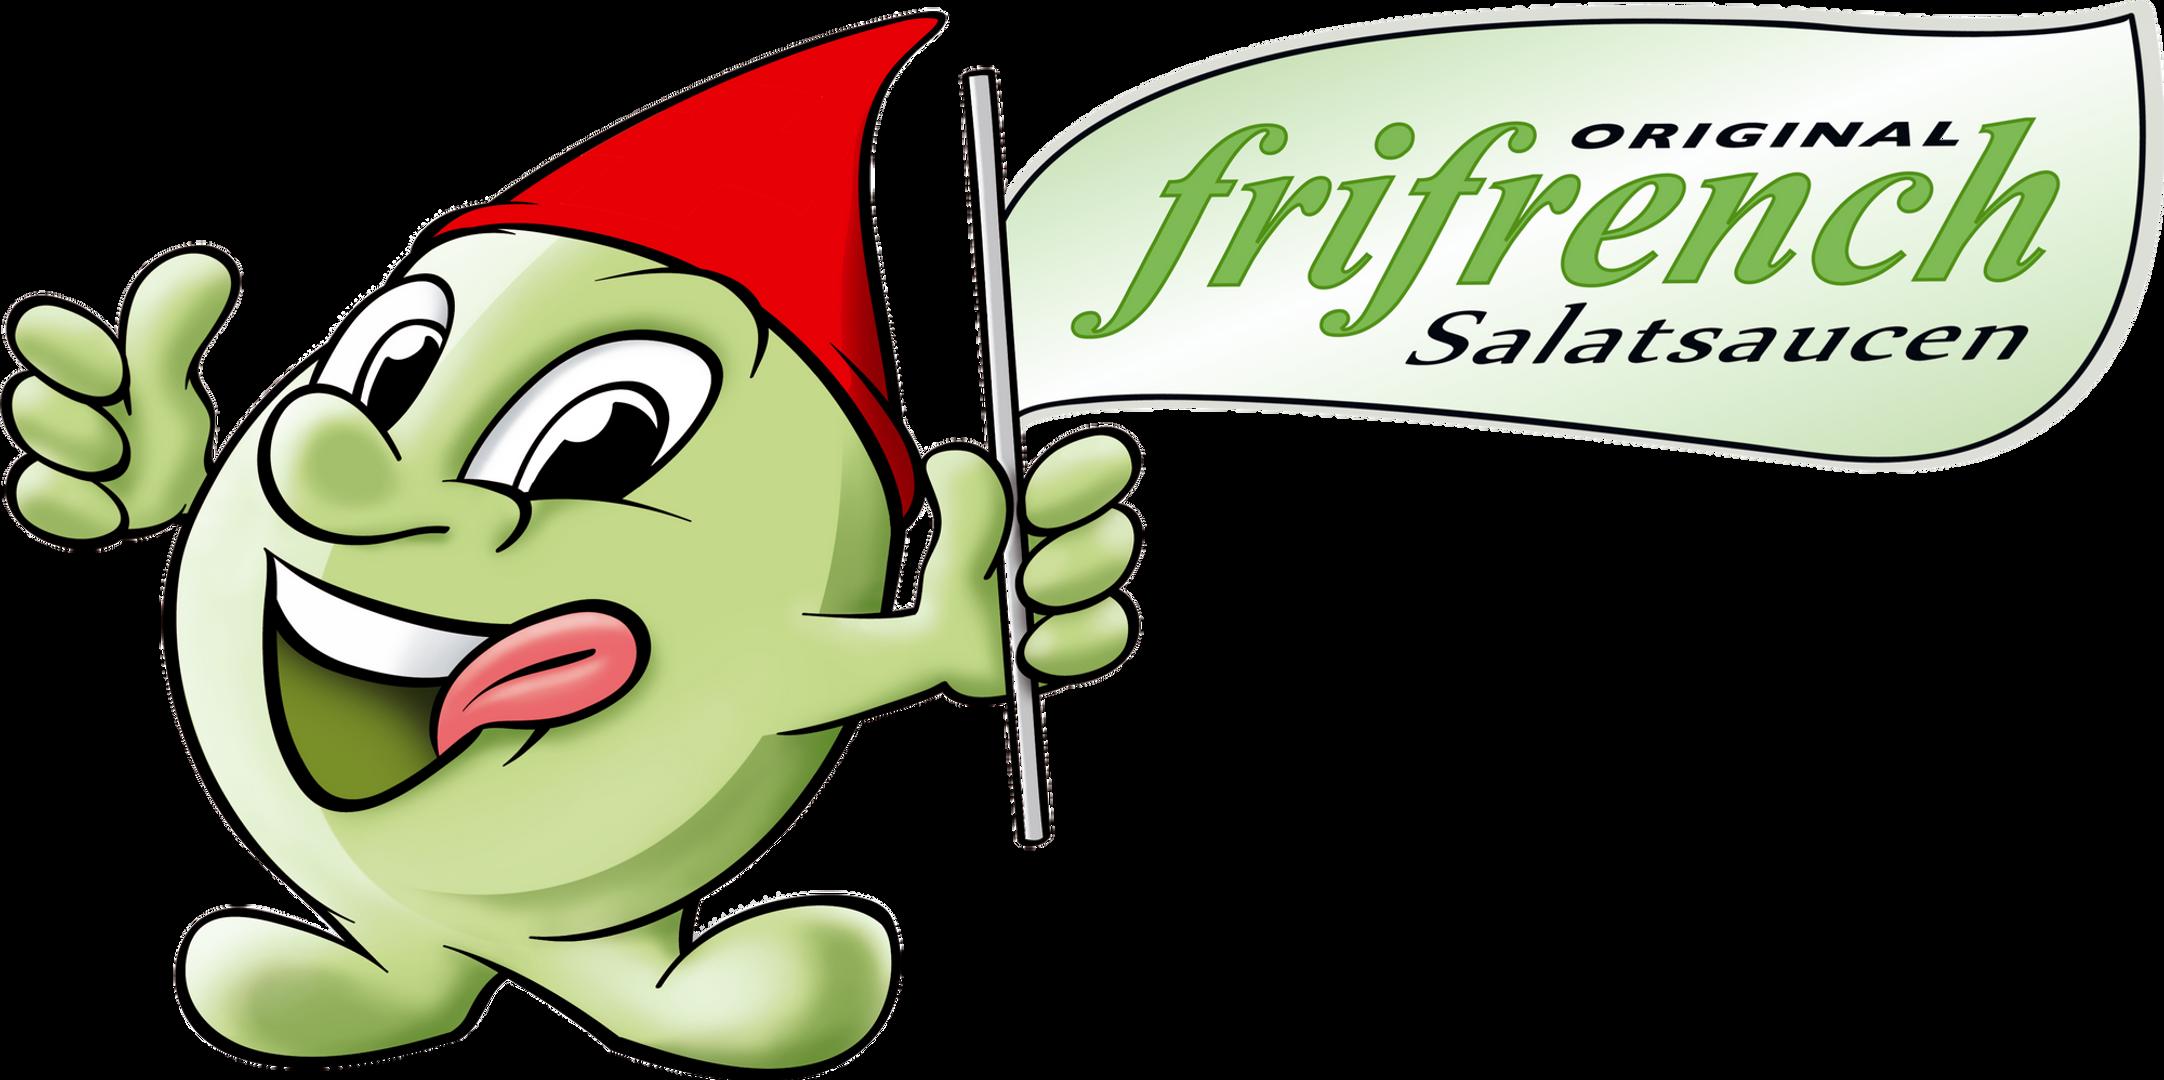 frifrench